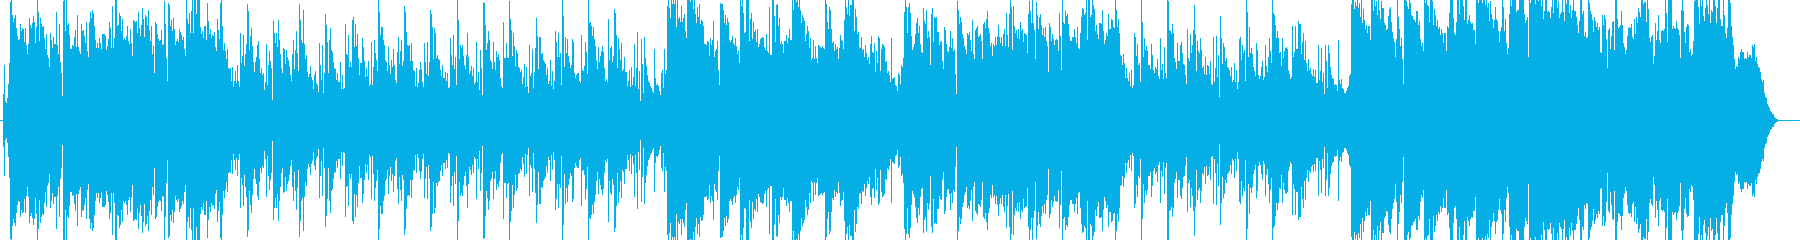 ゆったり流れる穏やかなバラードの再生済みの波形